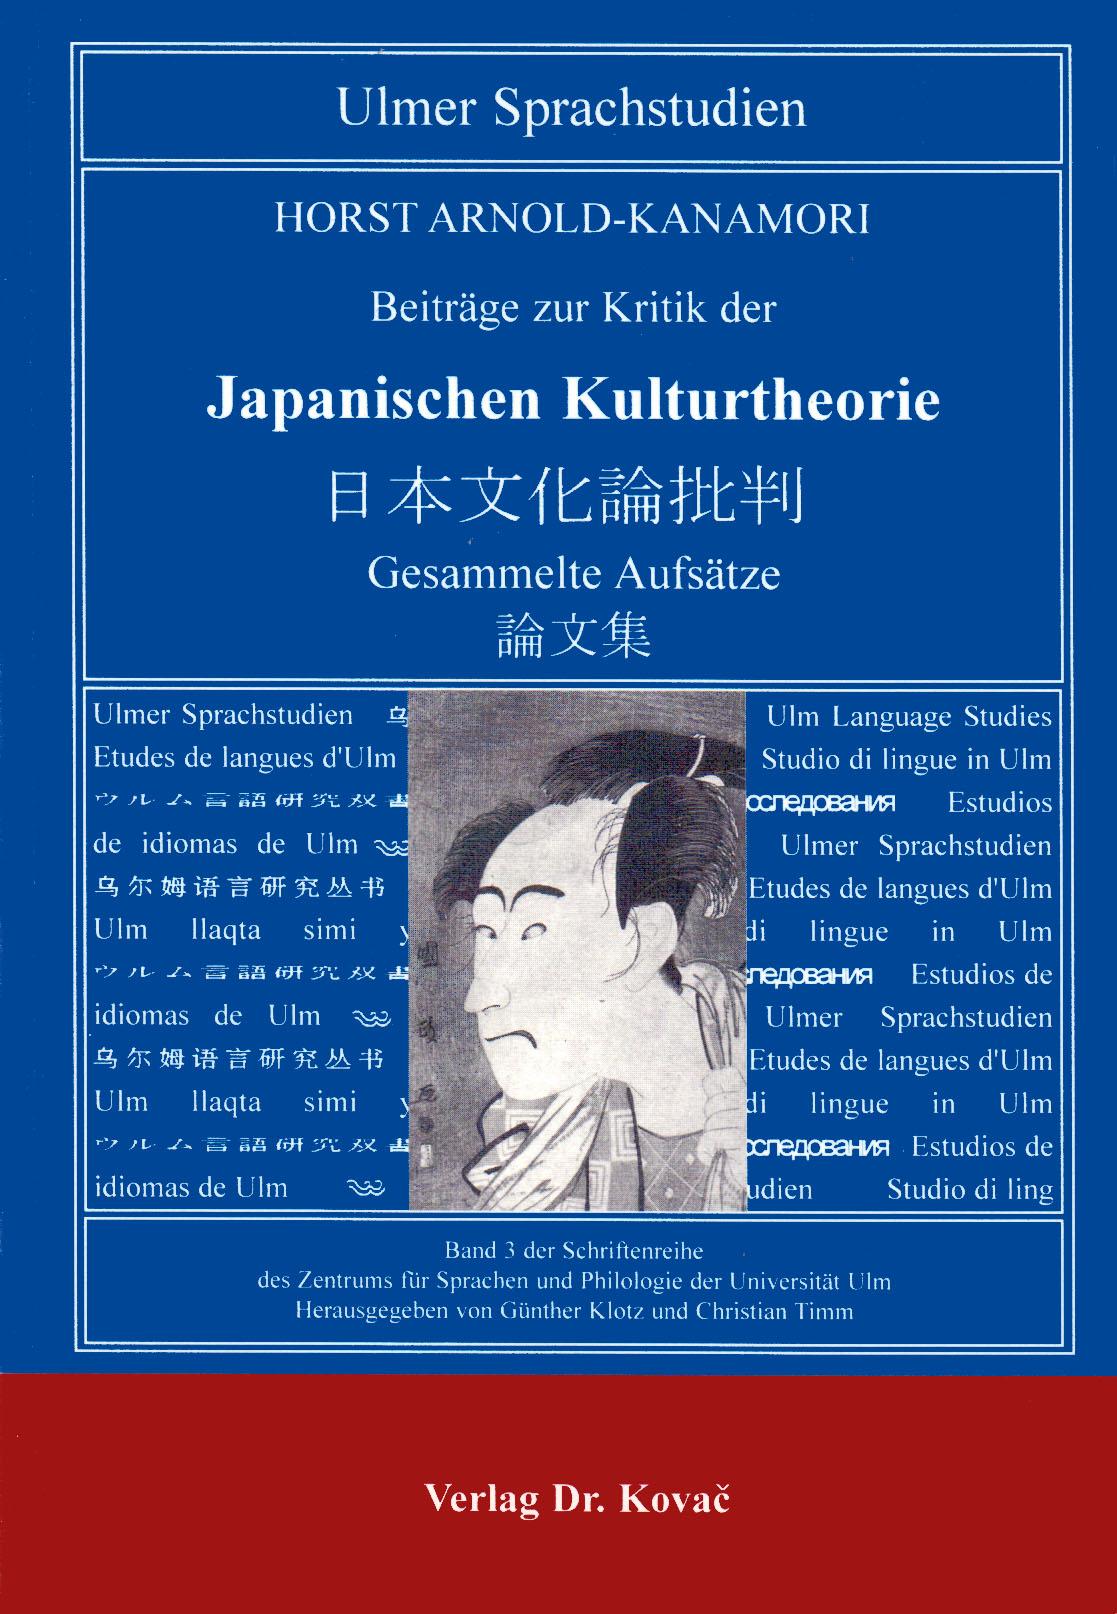 Cover: Beiträge zur Kritik der Japanischen Kulturtheorie